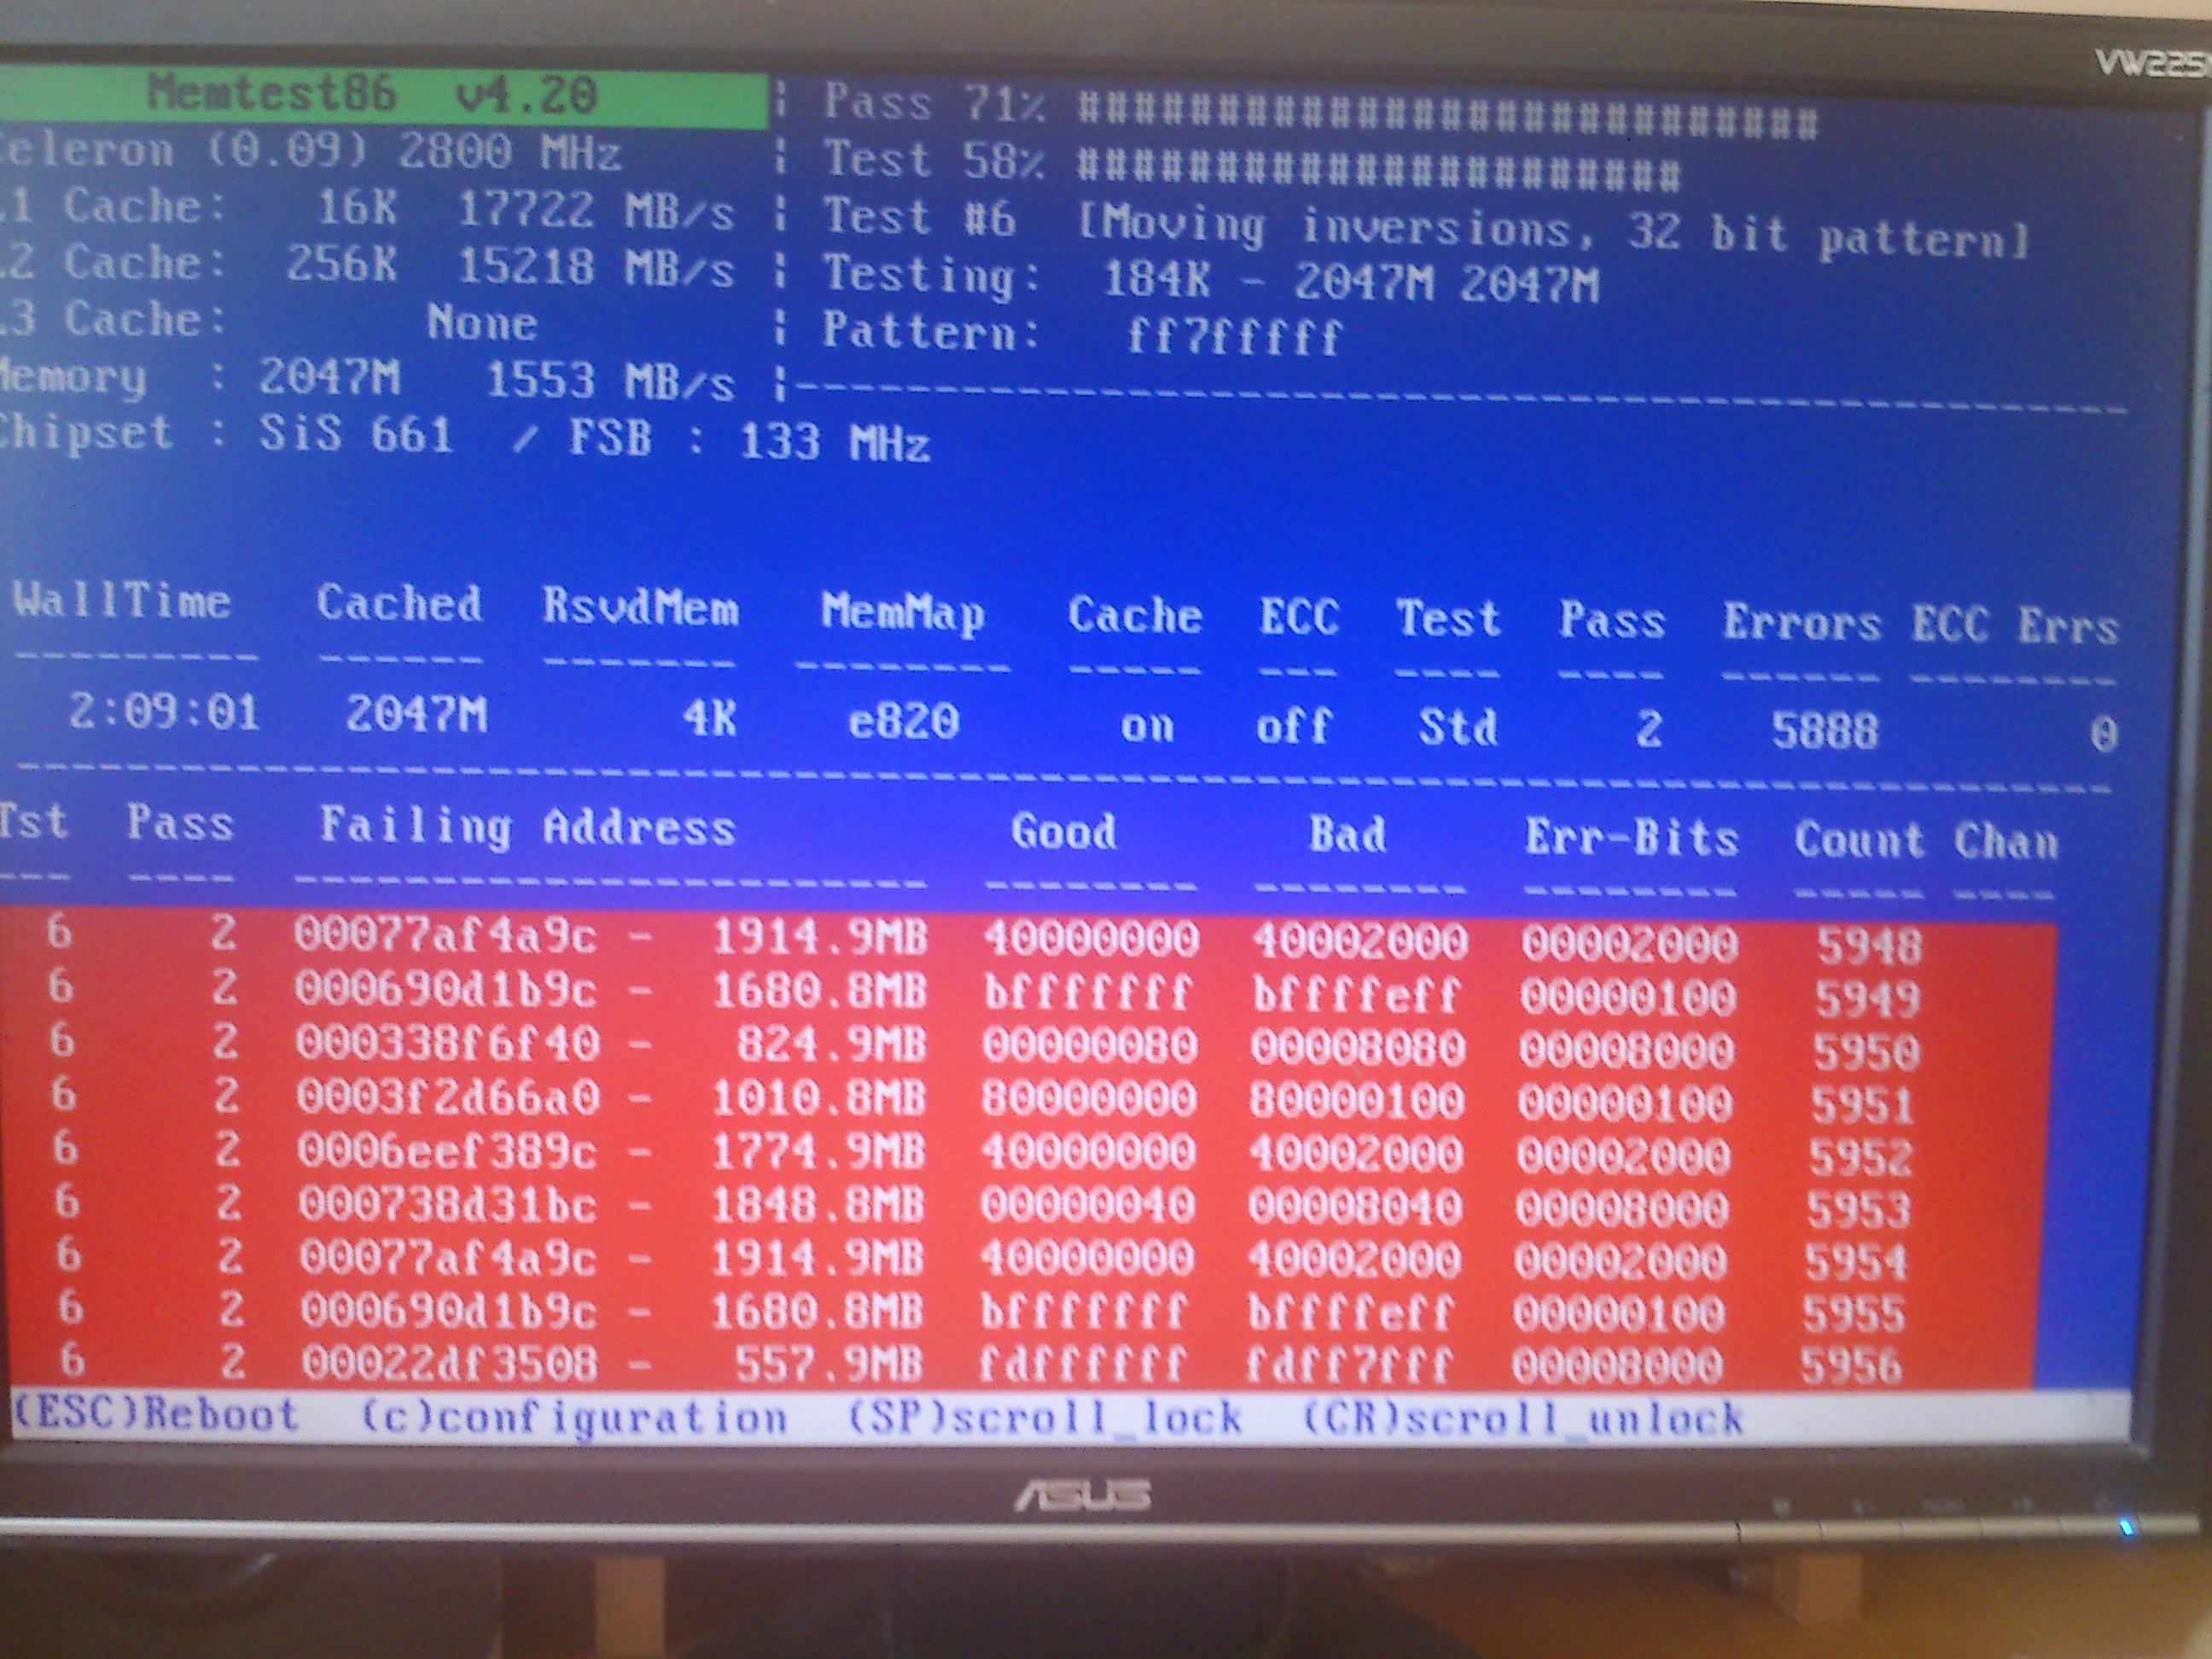 Prawdopodobnie uszkodzona pami�� RAM